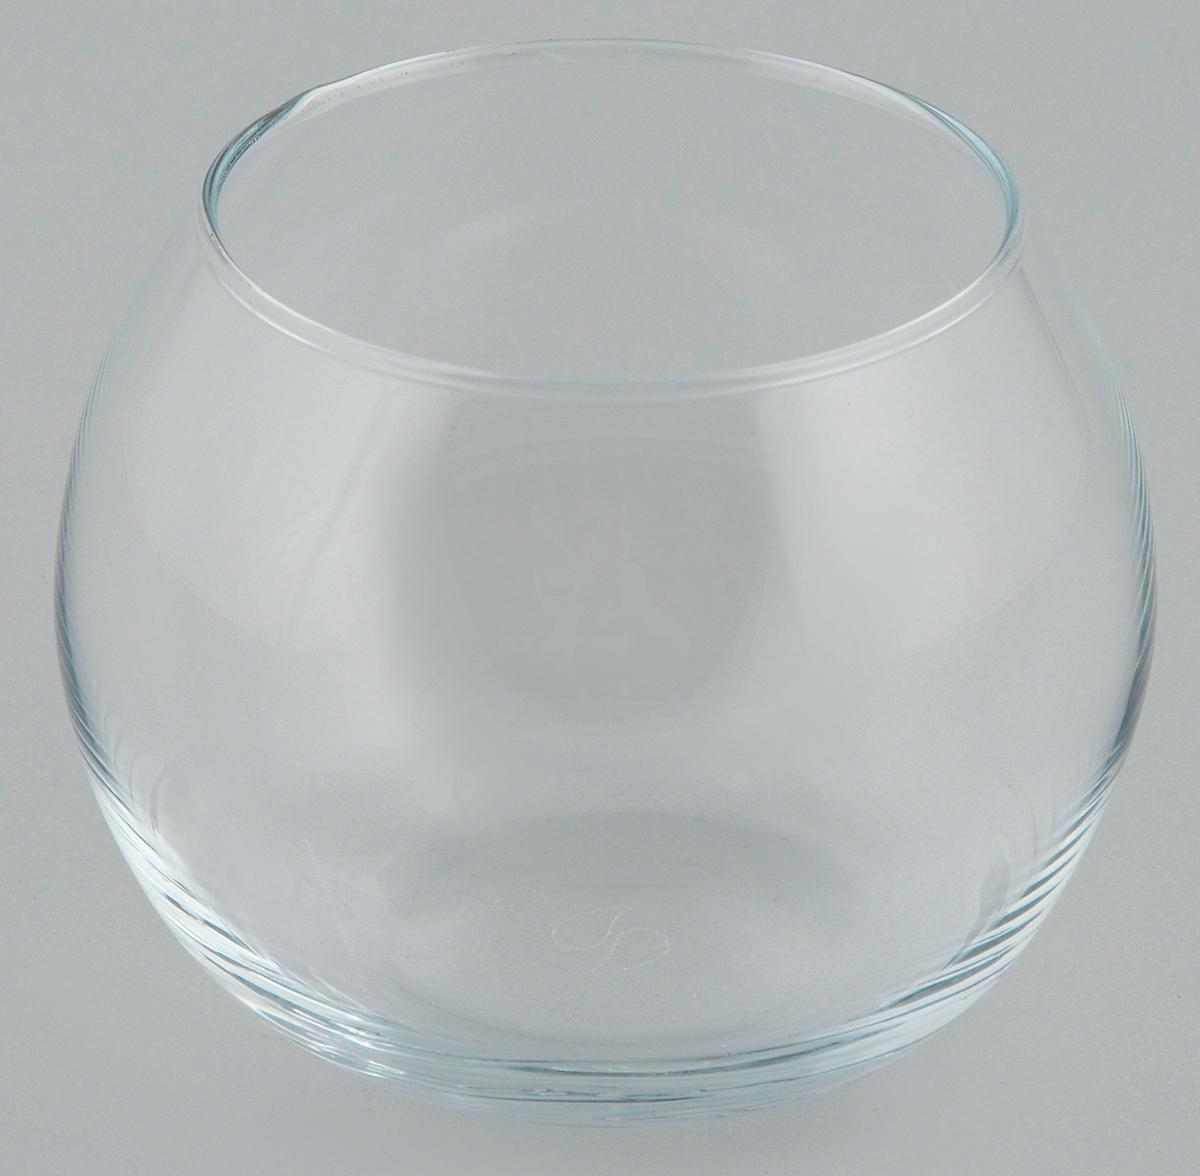 Ваза Pasabahce Flora, высота 7,9 смJP-852/ 2Декоративная ваза Pasabahce Flora выполнена из высококачественного прозрачного стекла.Изделие придется по вкусу и ценителям классики, и тем, кто предпочитает утонченность и изящность. Вы можете поставить вазу в любом месте, где она будет удачно смотреться и радовать глаз. Такая ваза подойдет для декора интерьера. Кроме того - это отличный вариант подарка для ваших близких и друзей.Высота вазы: 7,9 см.